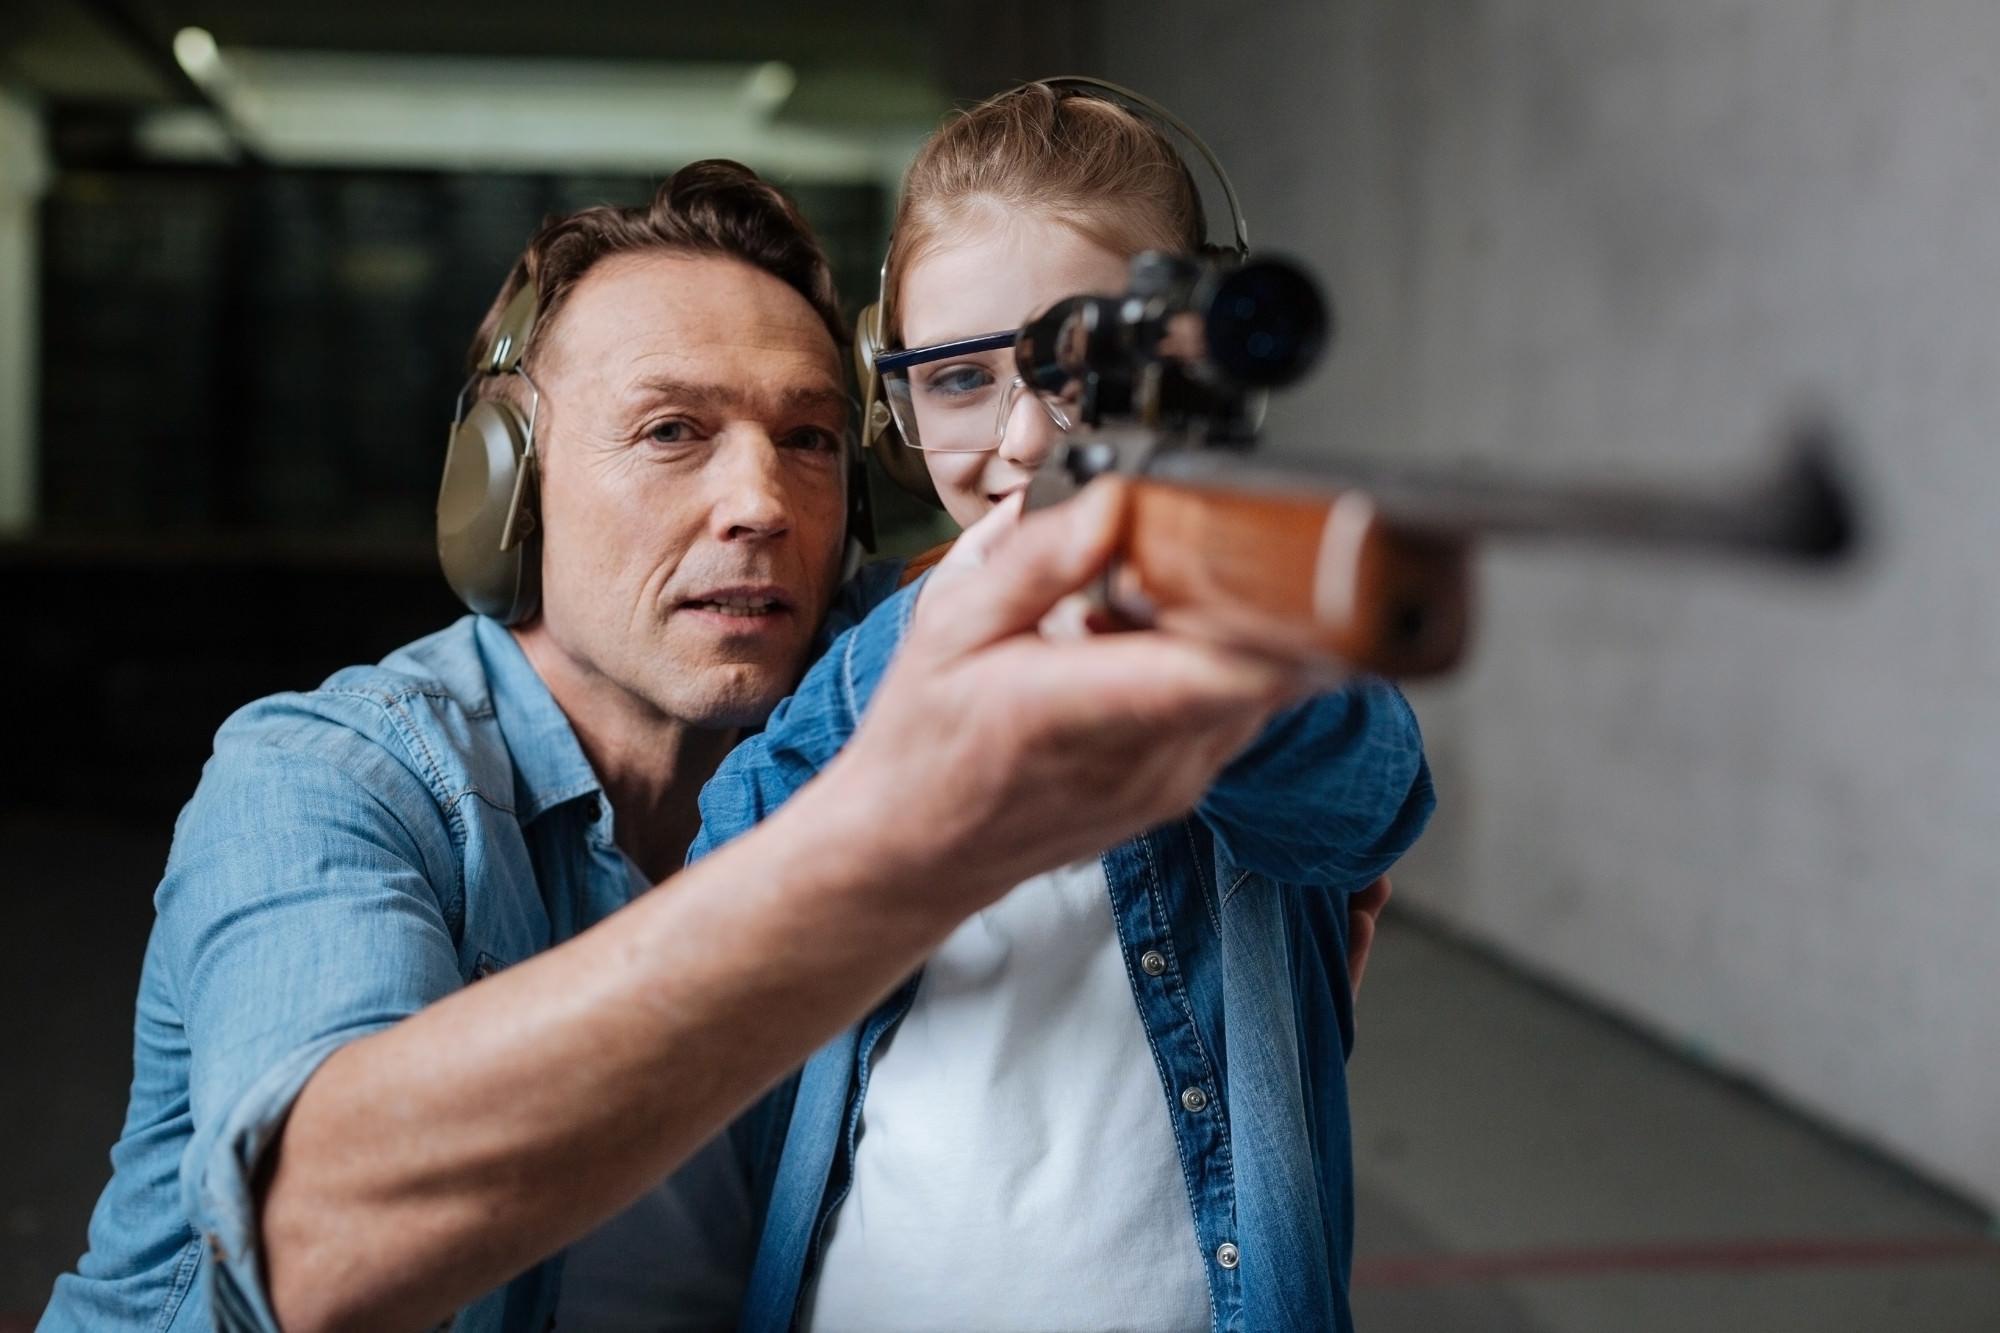 learn to shoot a gun